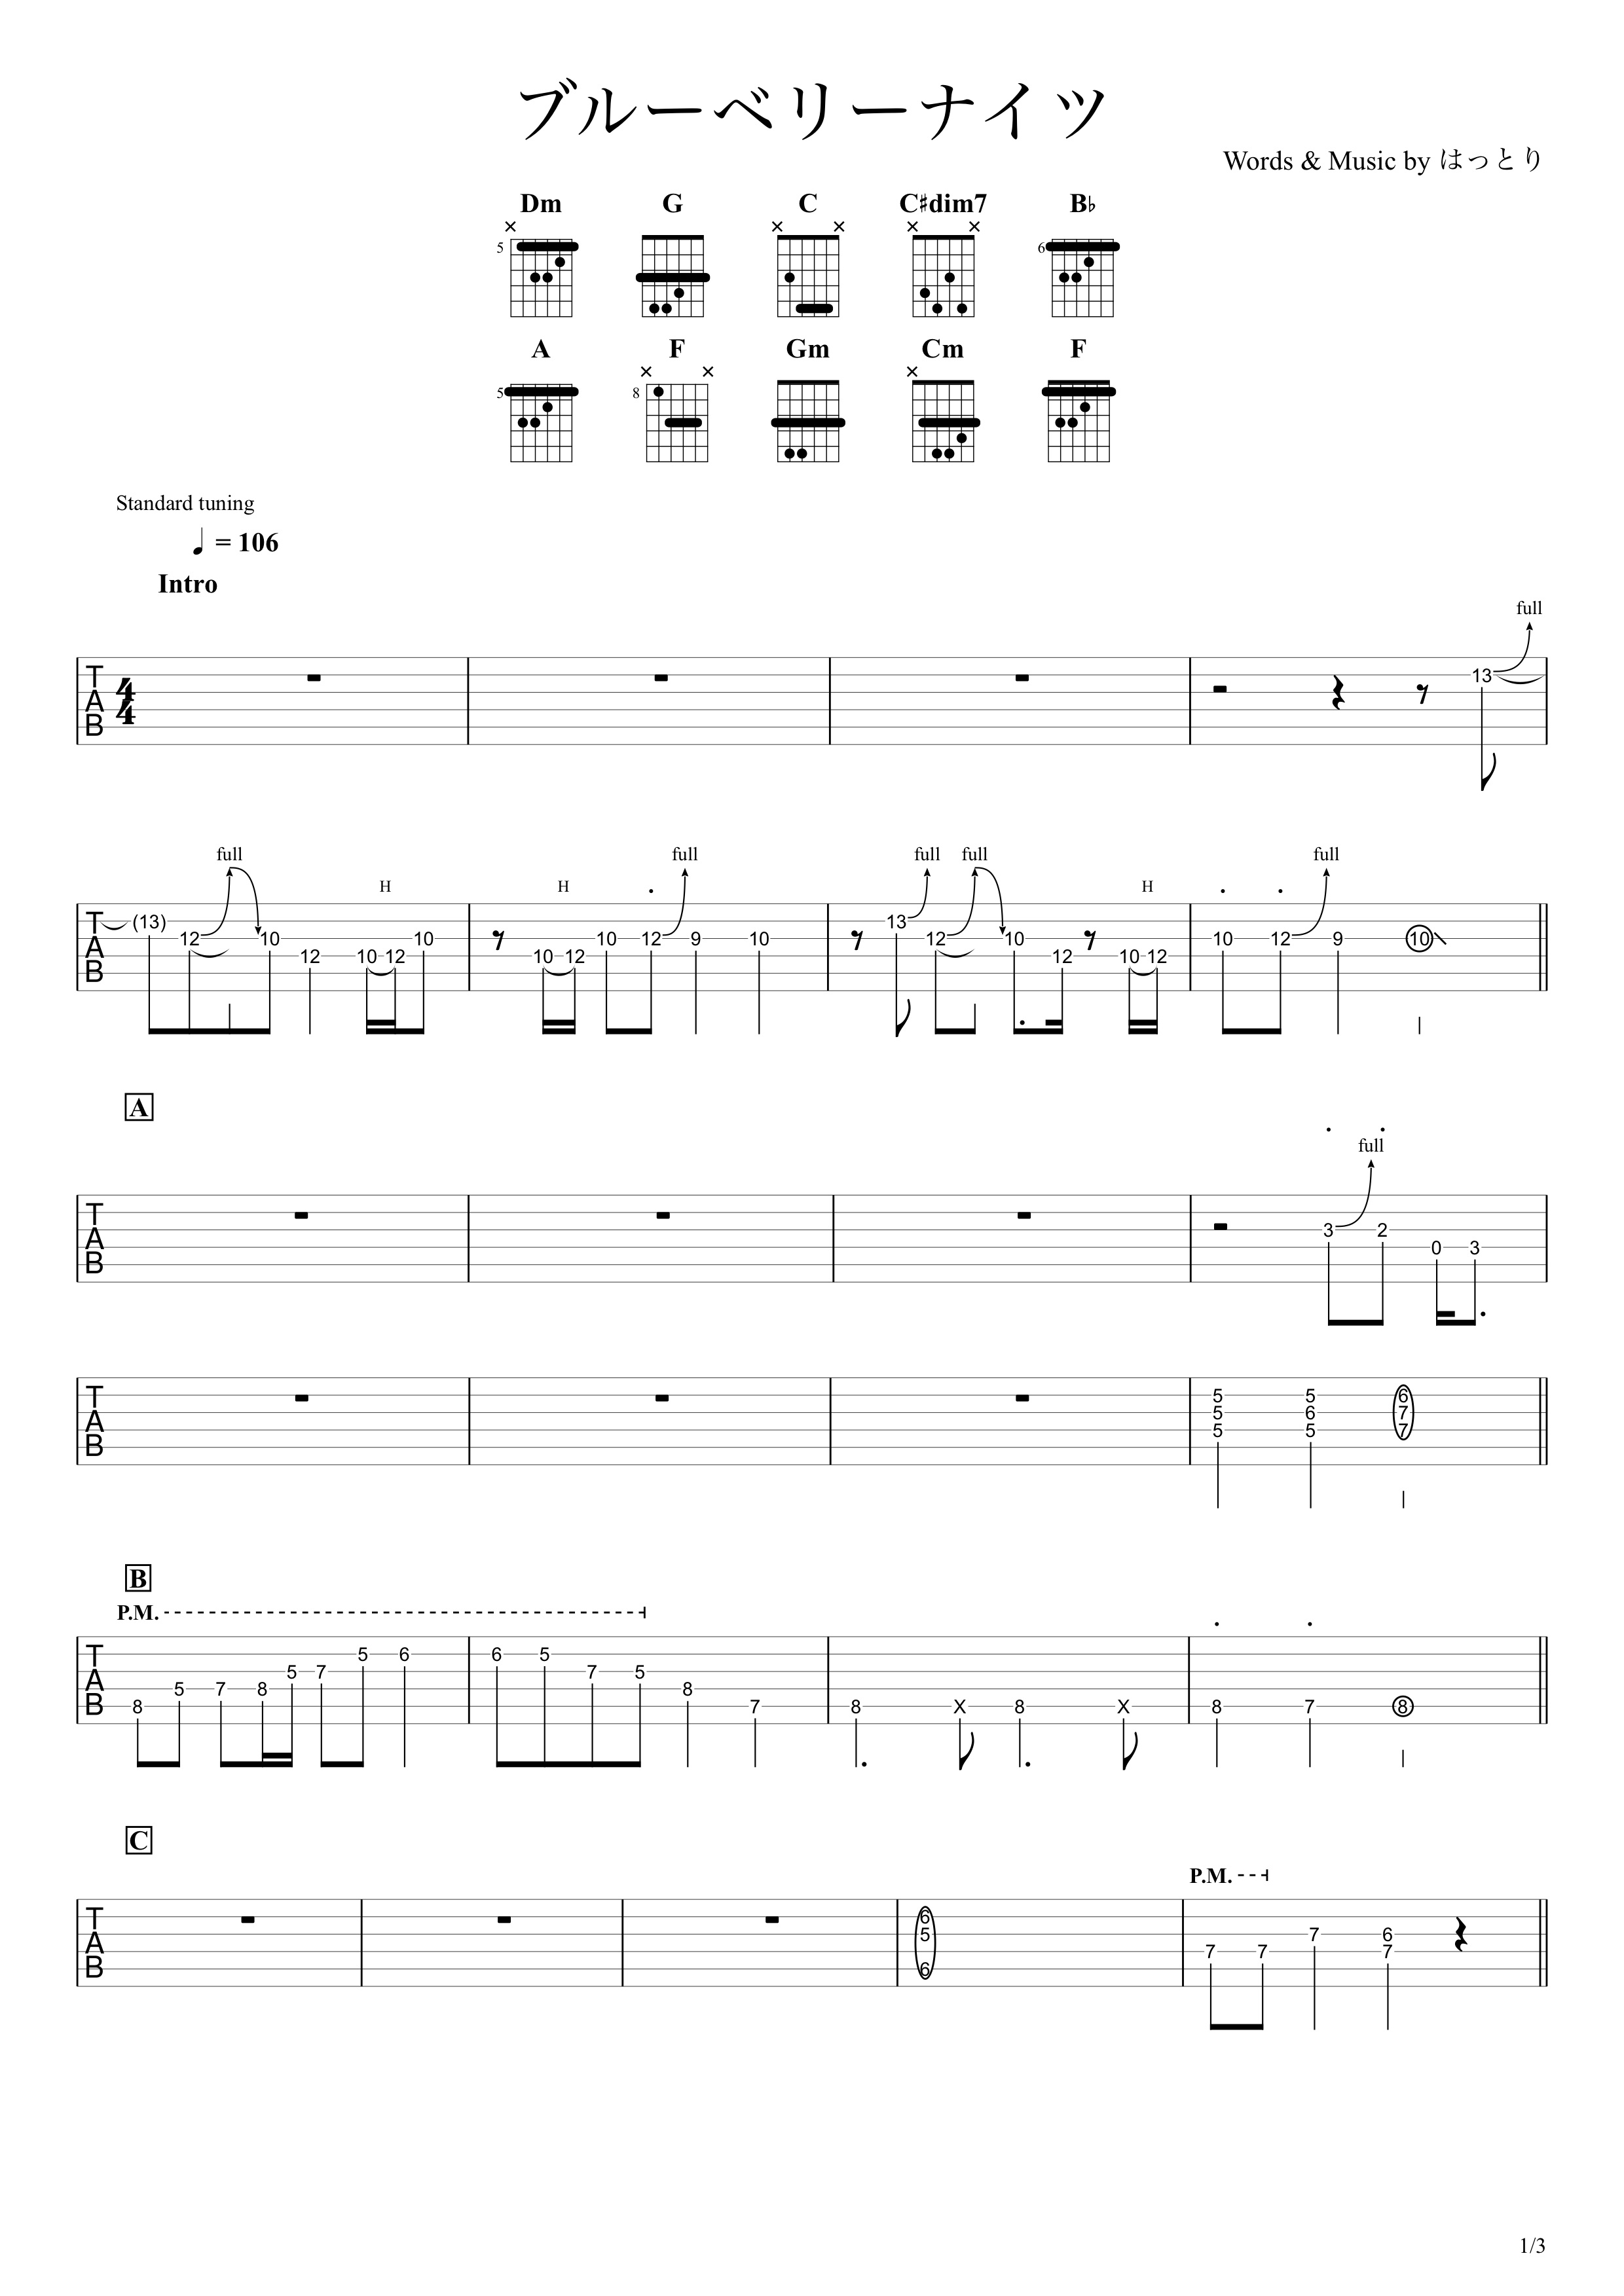 ブルーベリー・ナイツ/マカロニえんぴつ 無料ギタータブ譜|EGパートざっくり完コピVer.01